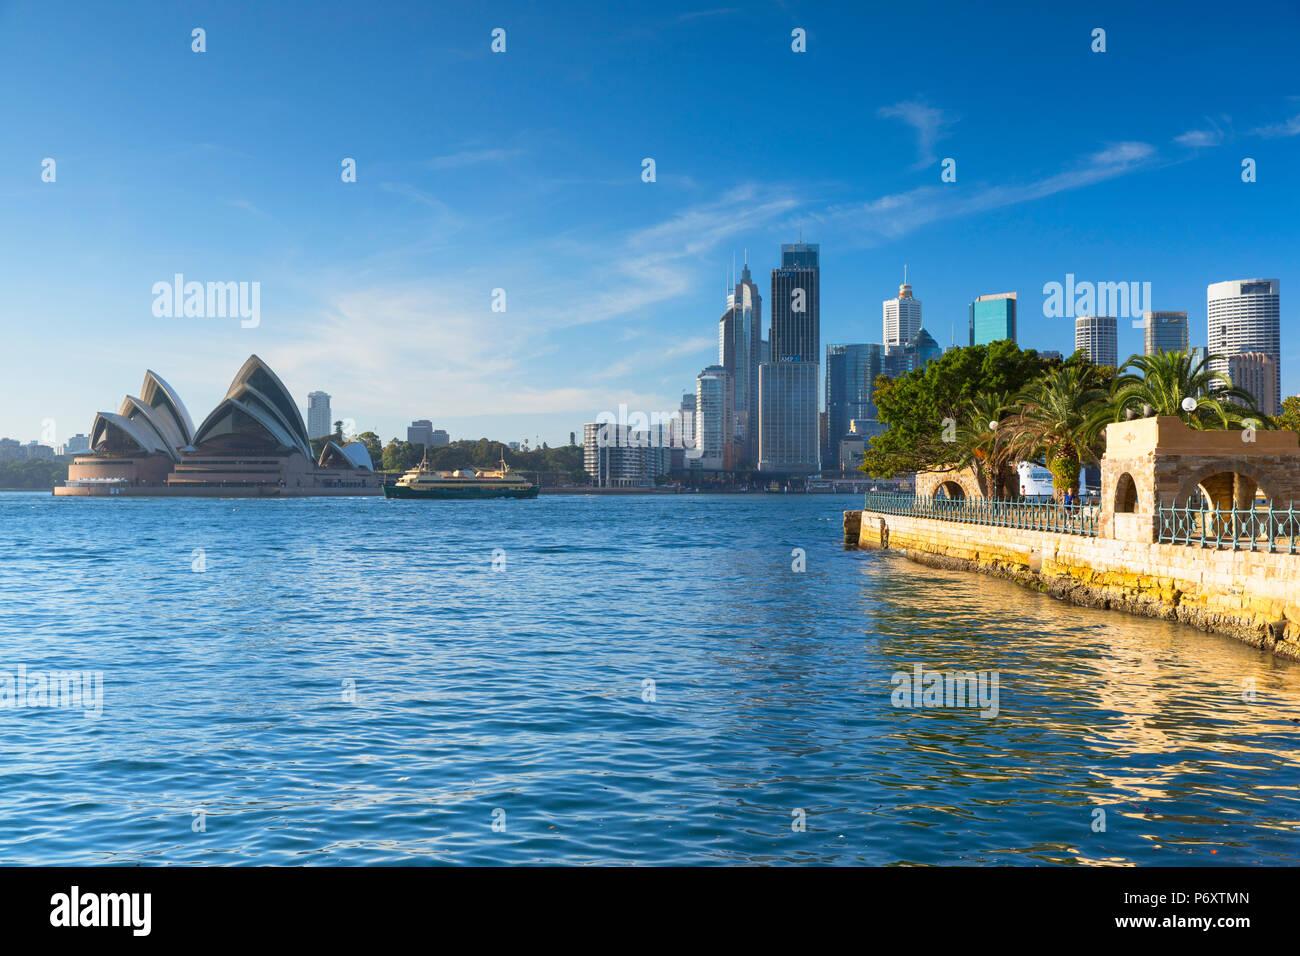 Das Opernhaus von Sydney und die Skyline der Stadt, Sydney, New South Wales, Australien Stockbild